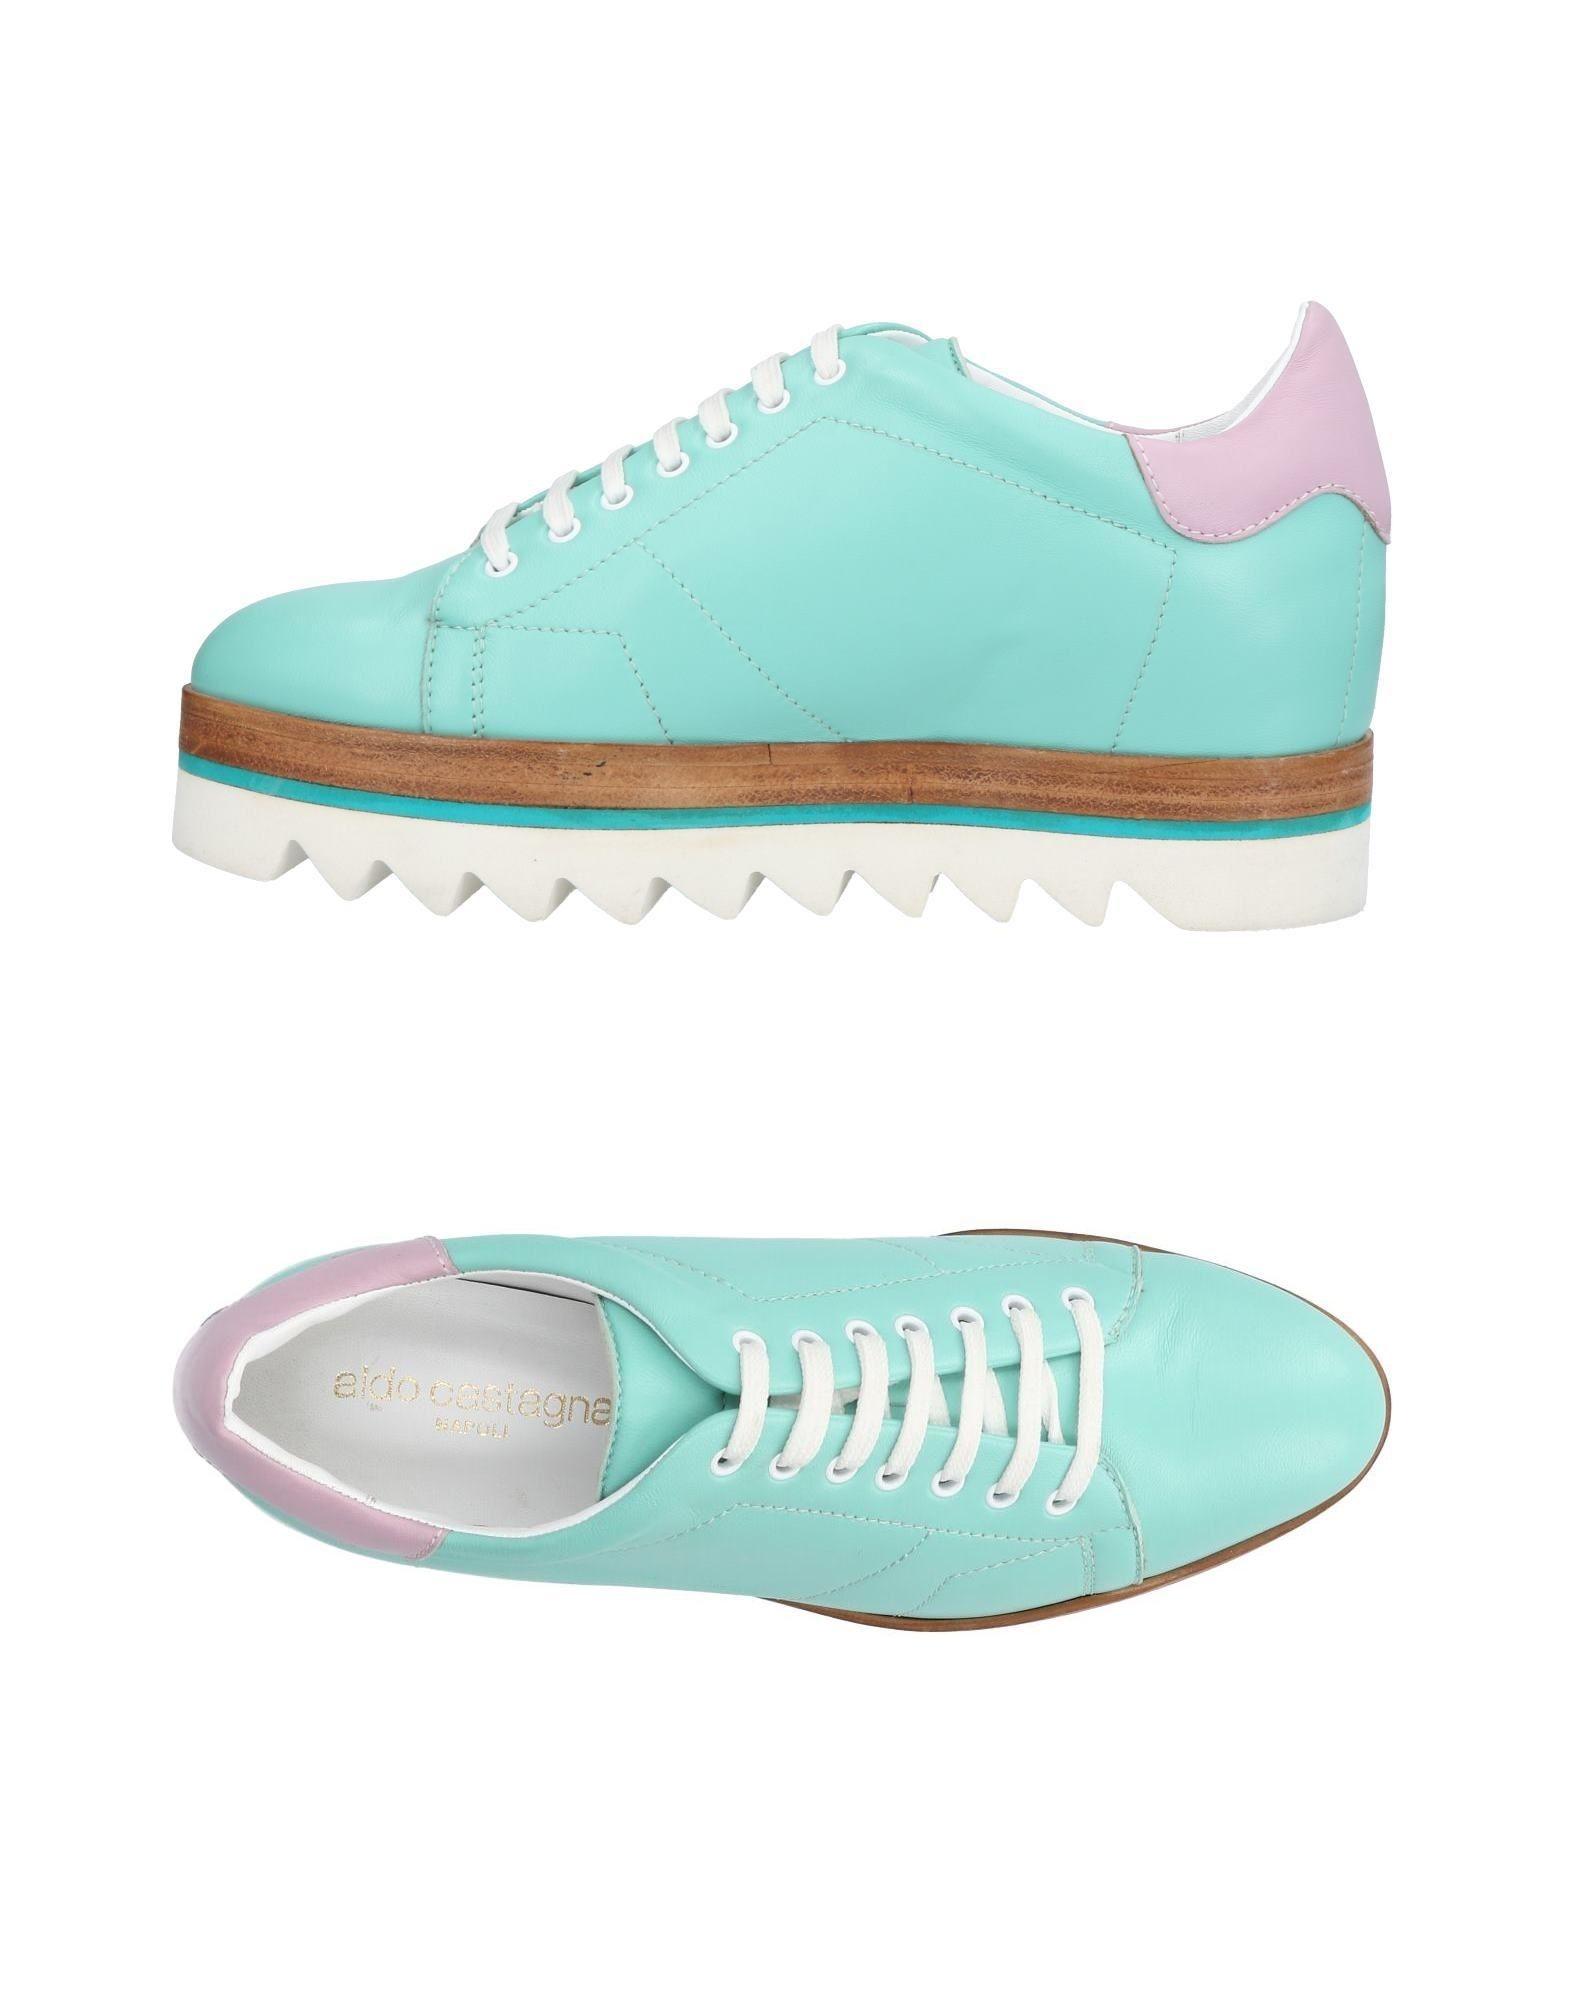 Aldo Castagna Schnürschuhe Damen  11419866UV Gute Qualität beliebte Schuhe